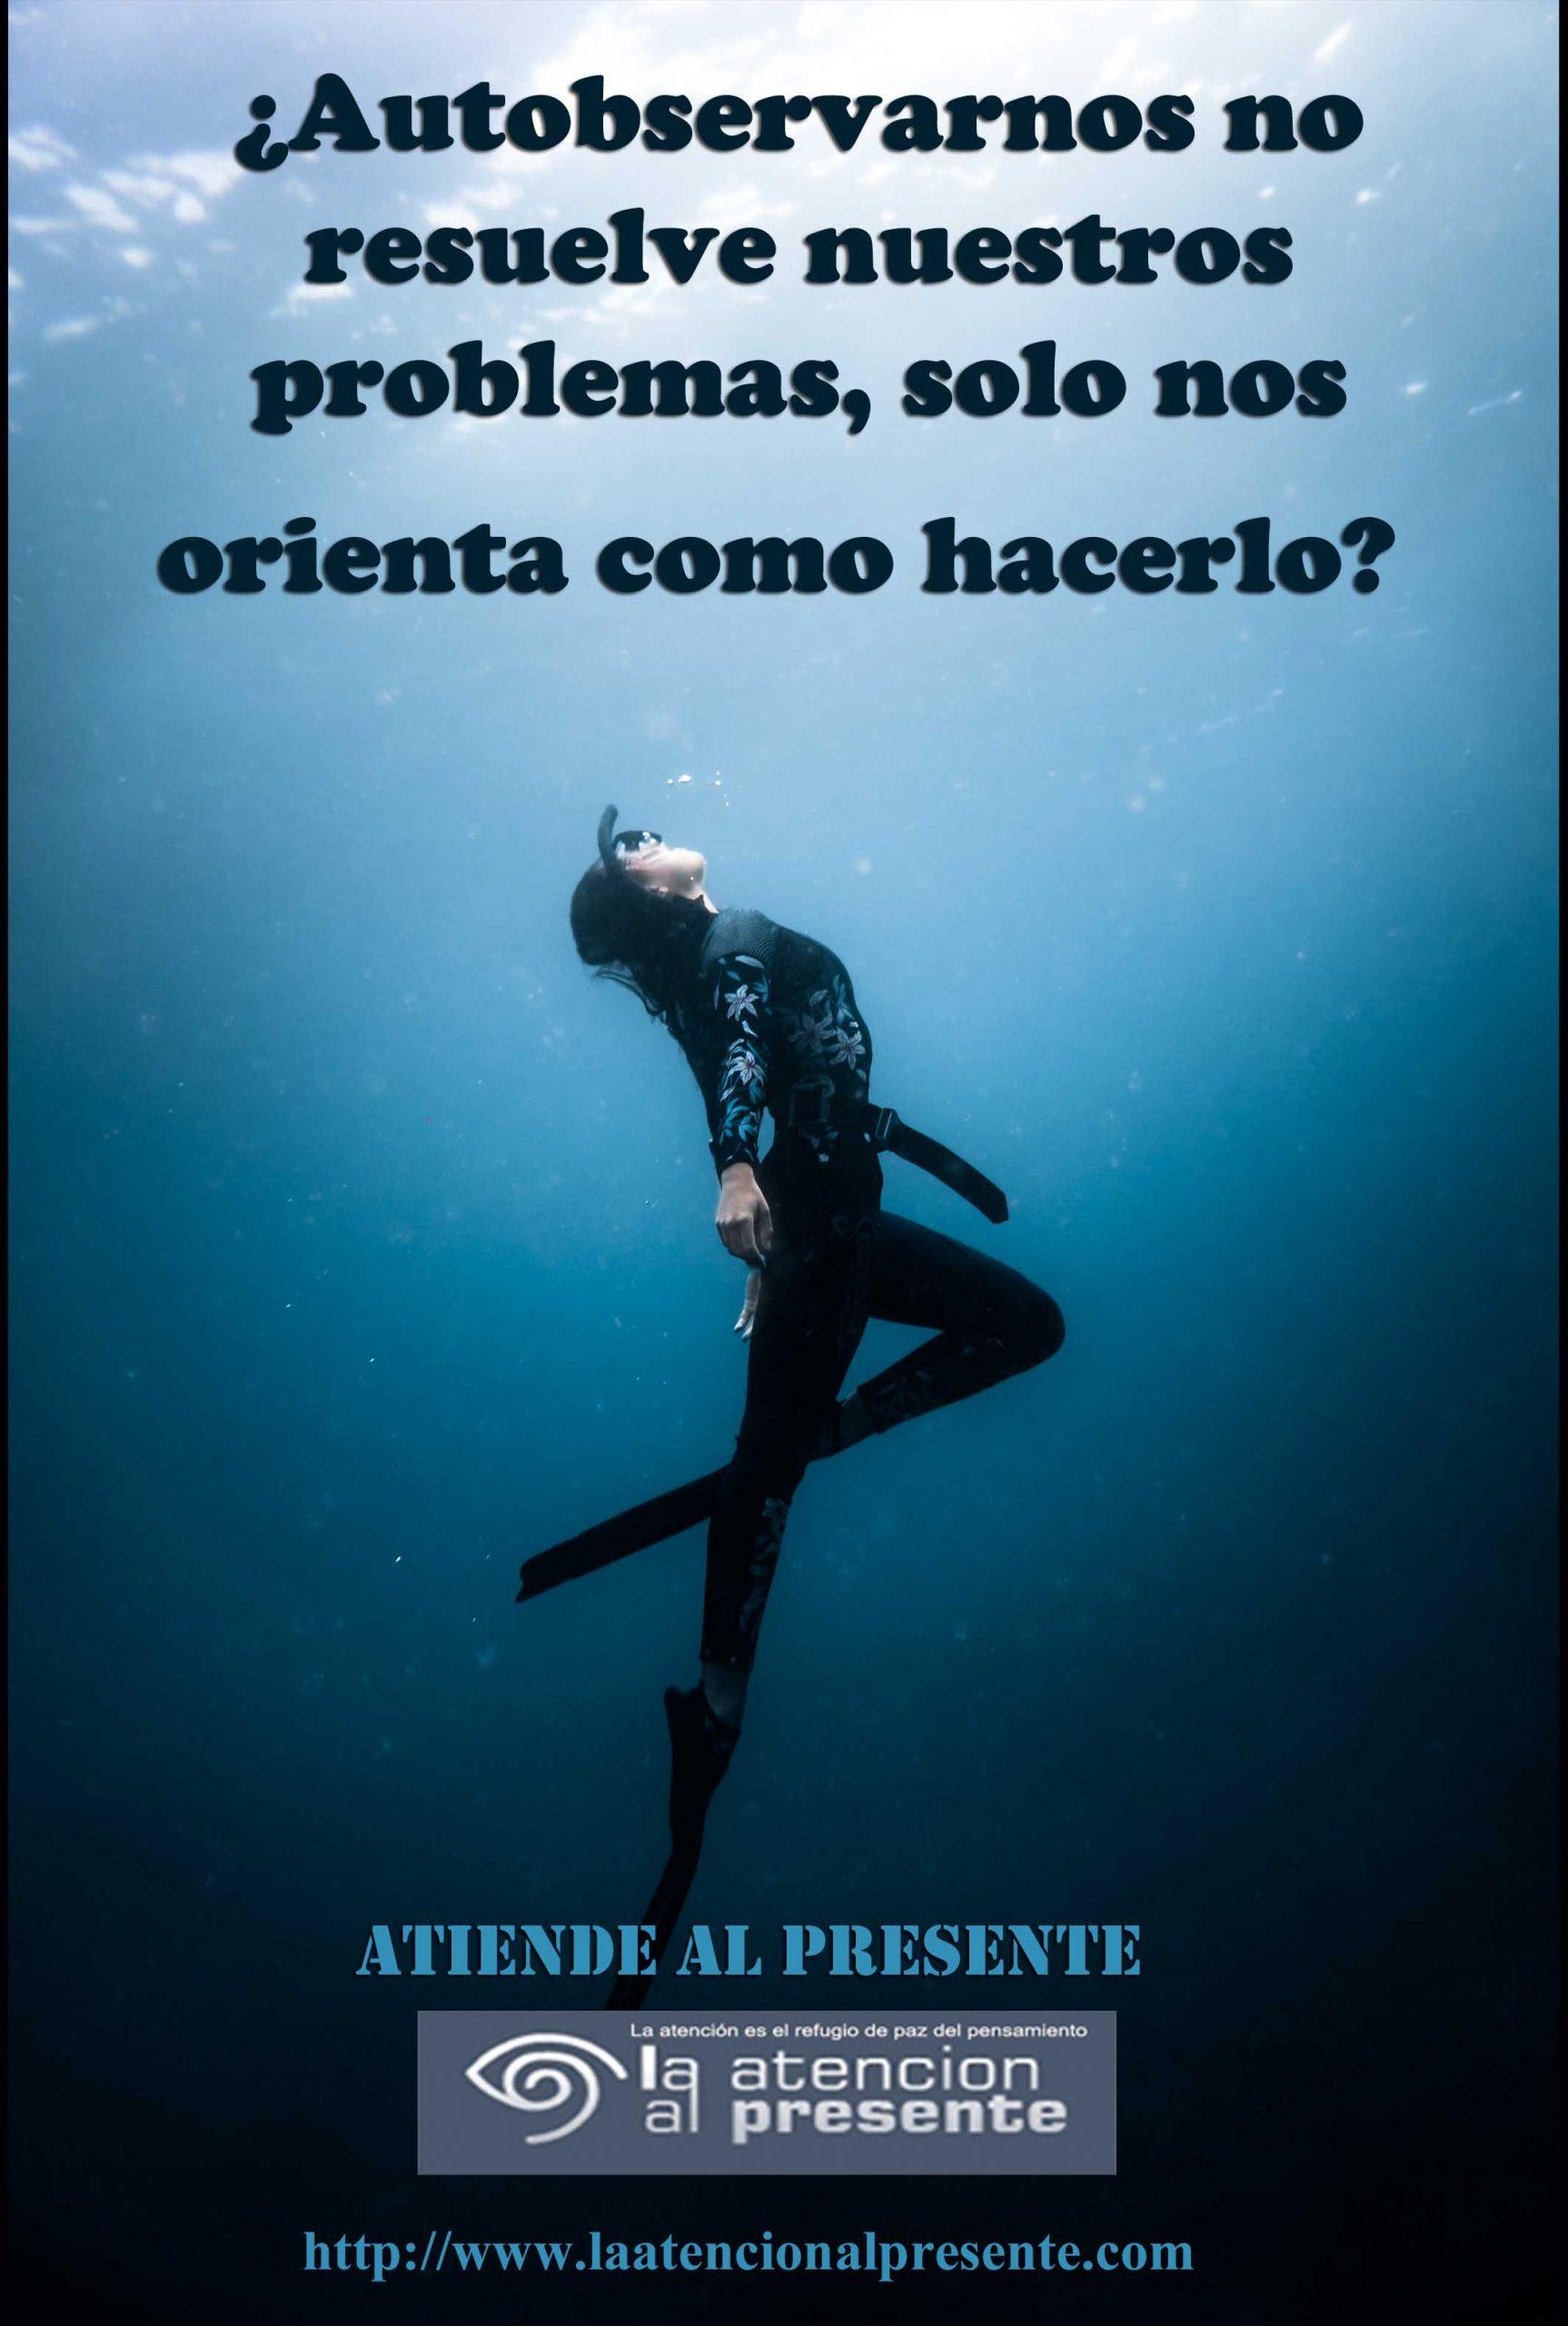 15 de Abril Esteban Autobservarnos no resuelve nuestros problemas solo nos orienta como hacerlo min scaled